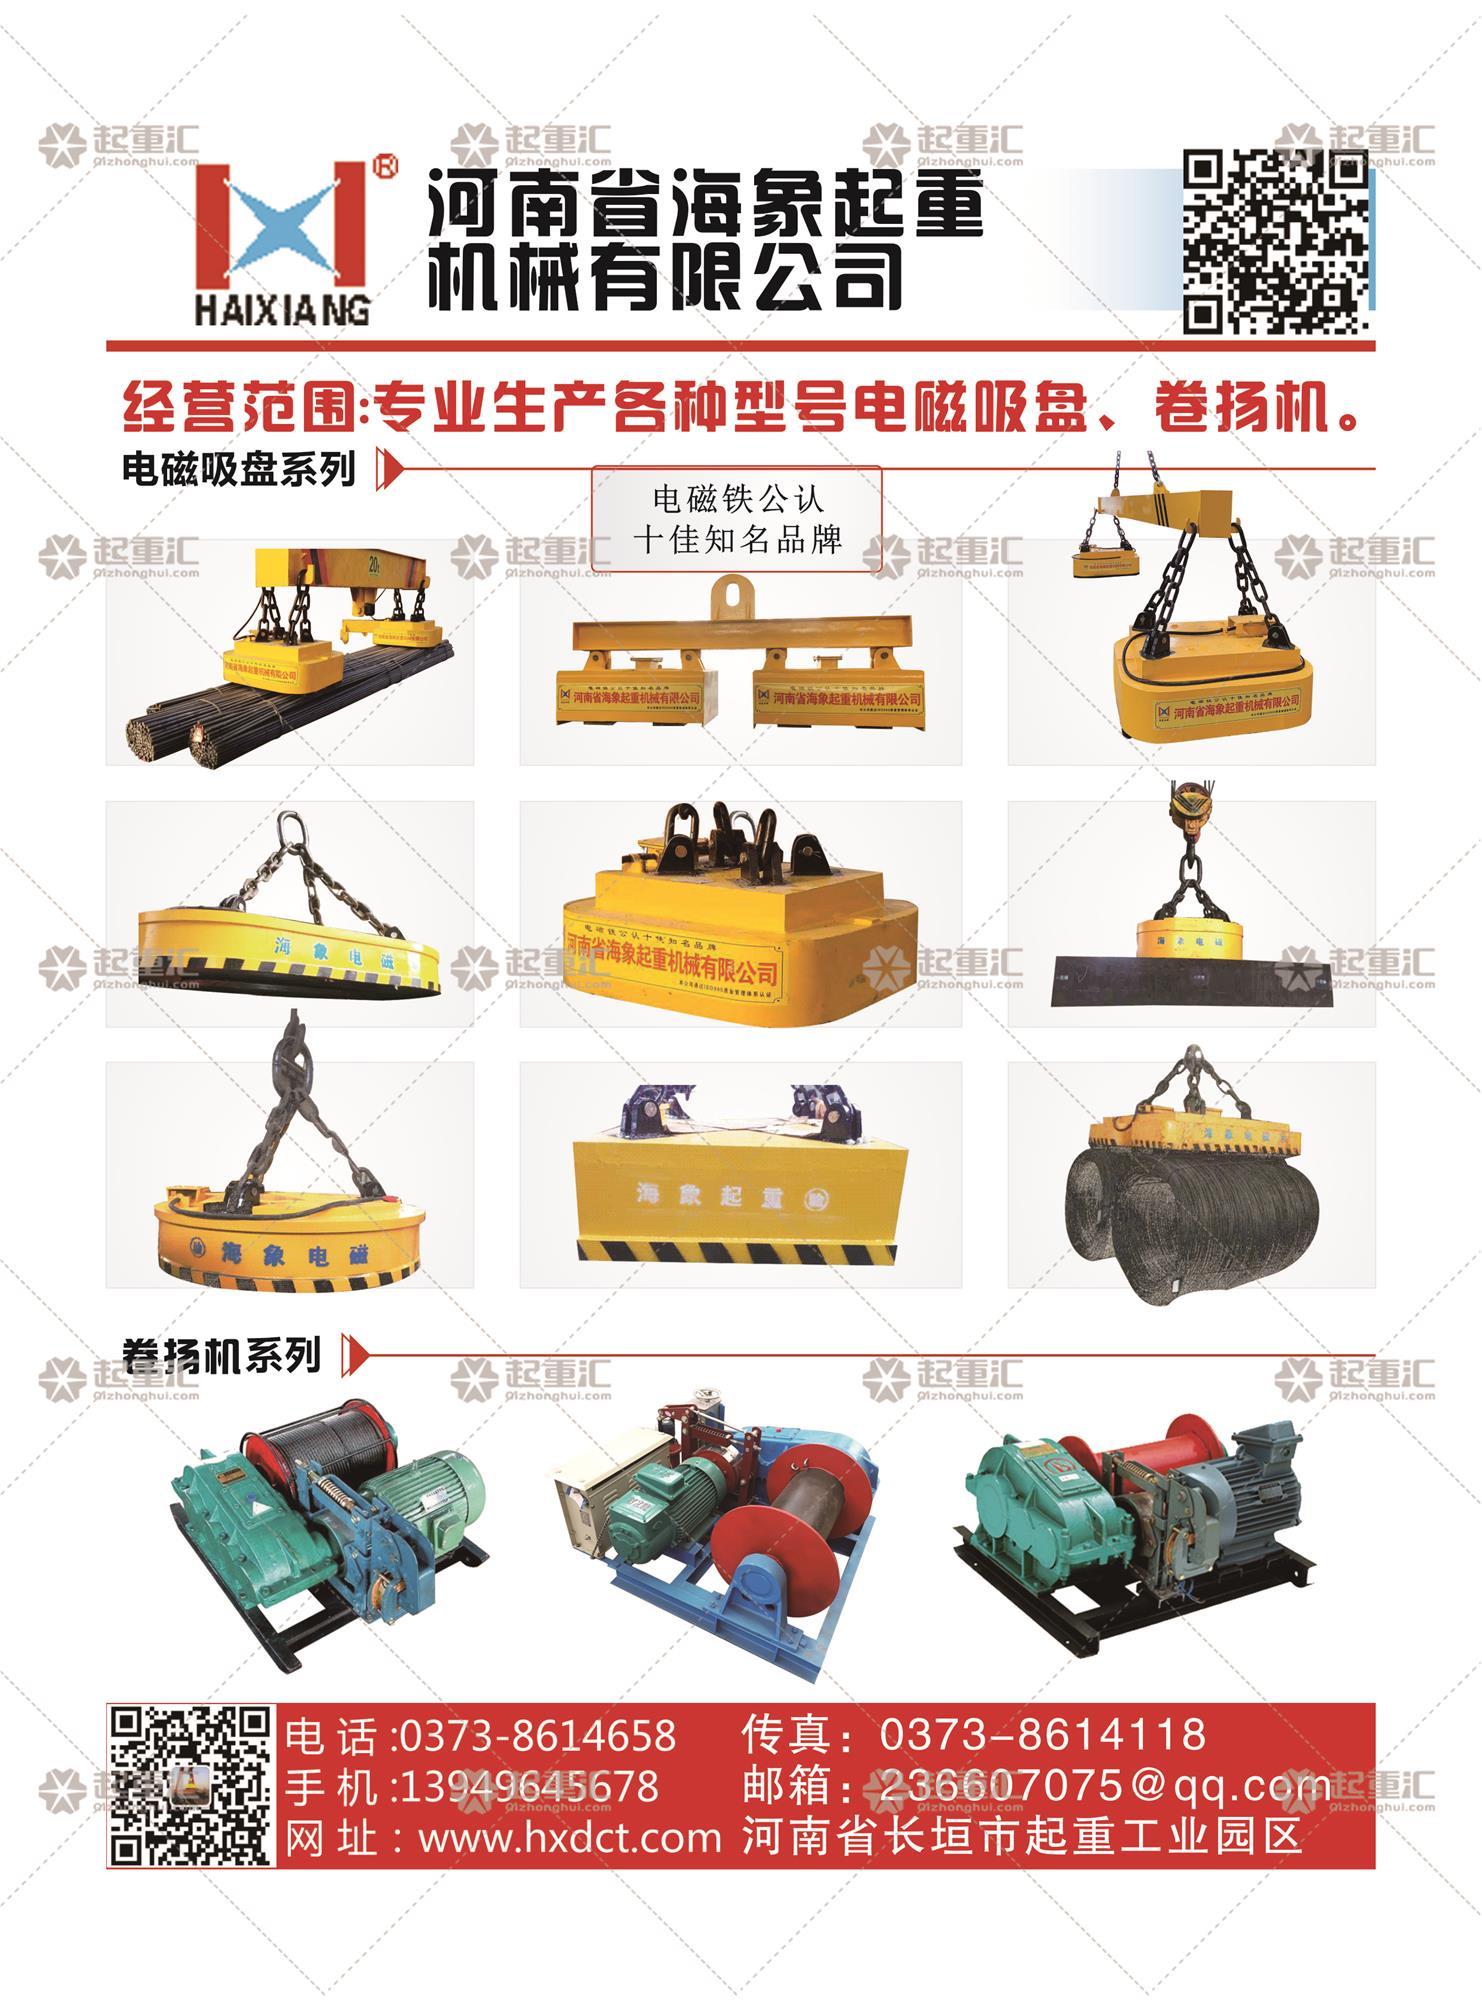 河南省海象起重机械有限公司已加入(起重汇采购指南)(1)